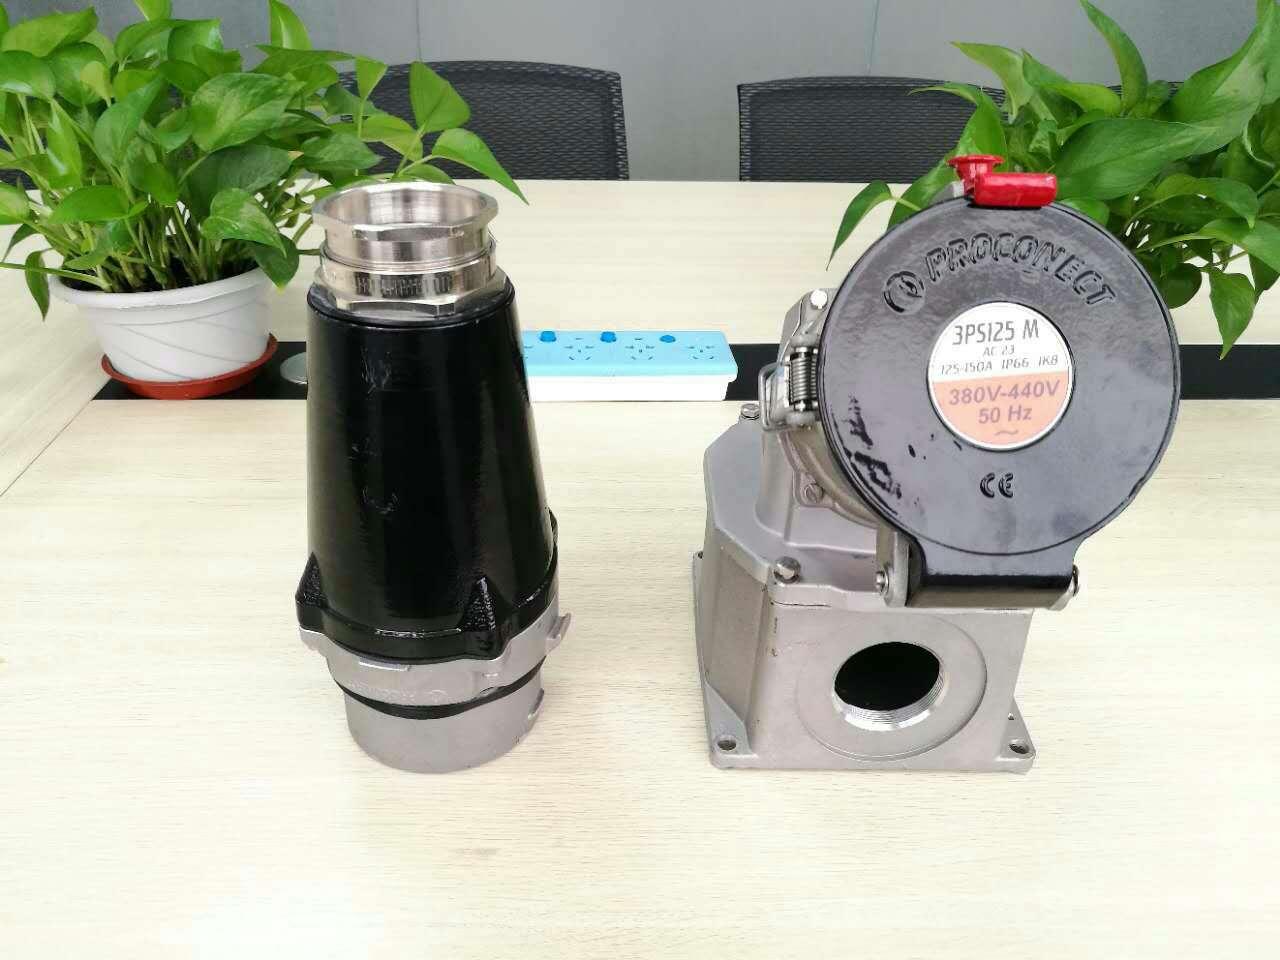 代理低压进口插座 购买品牌好的低压进口插座优选卓普特电子科技有限公司